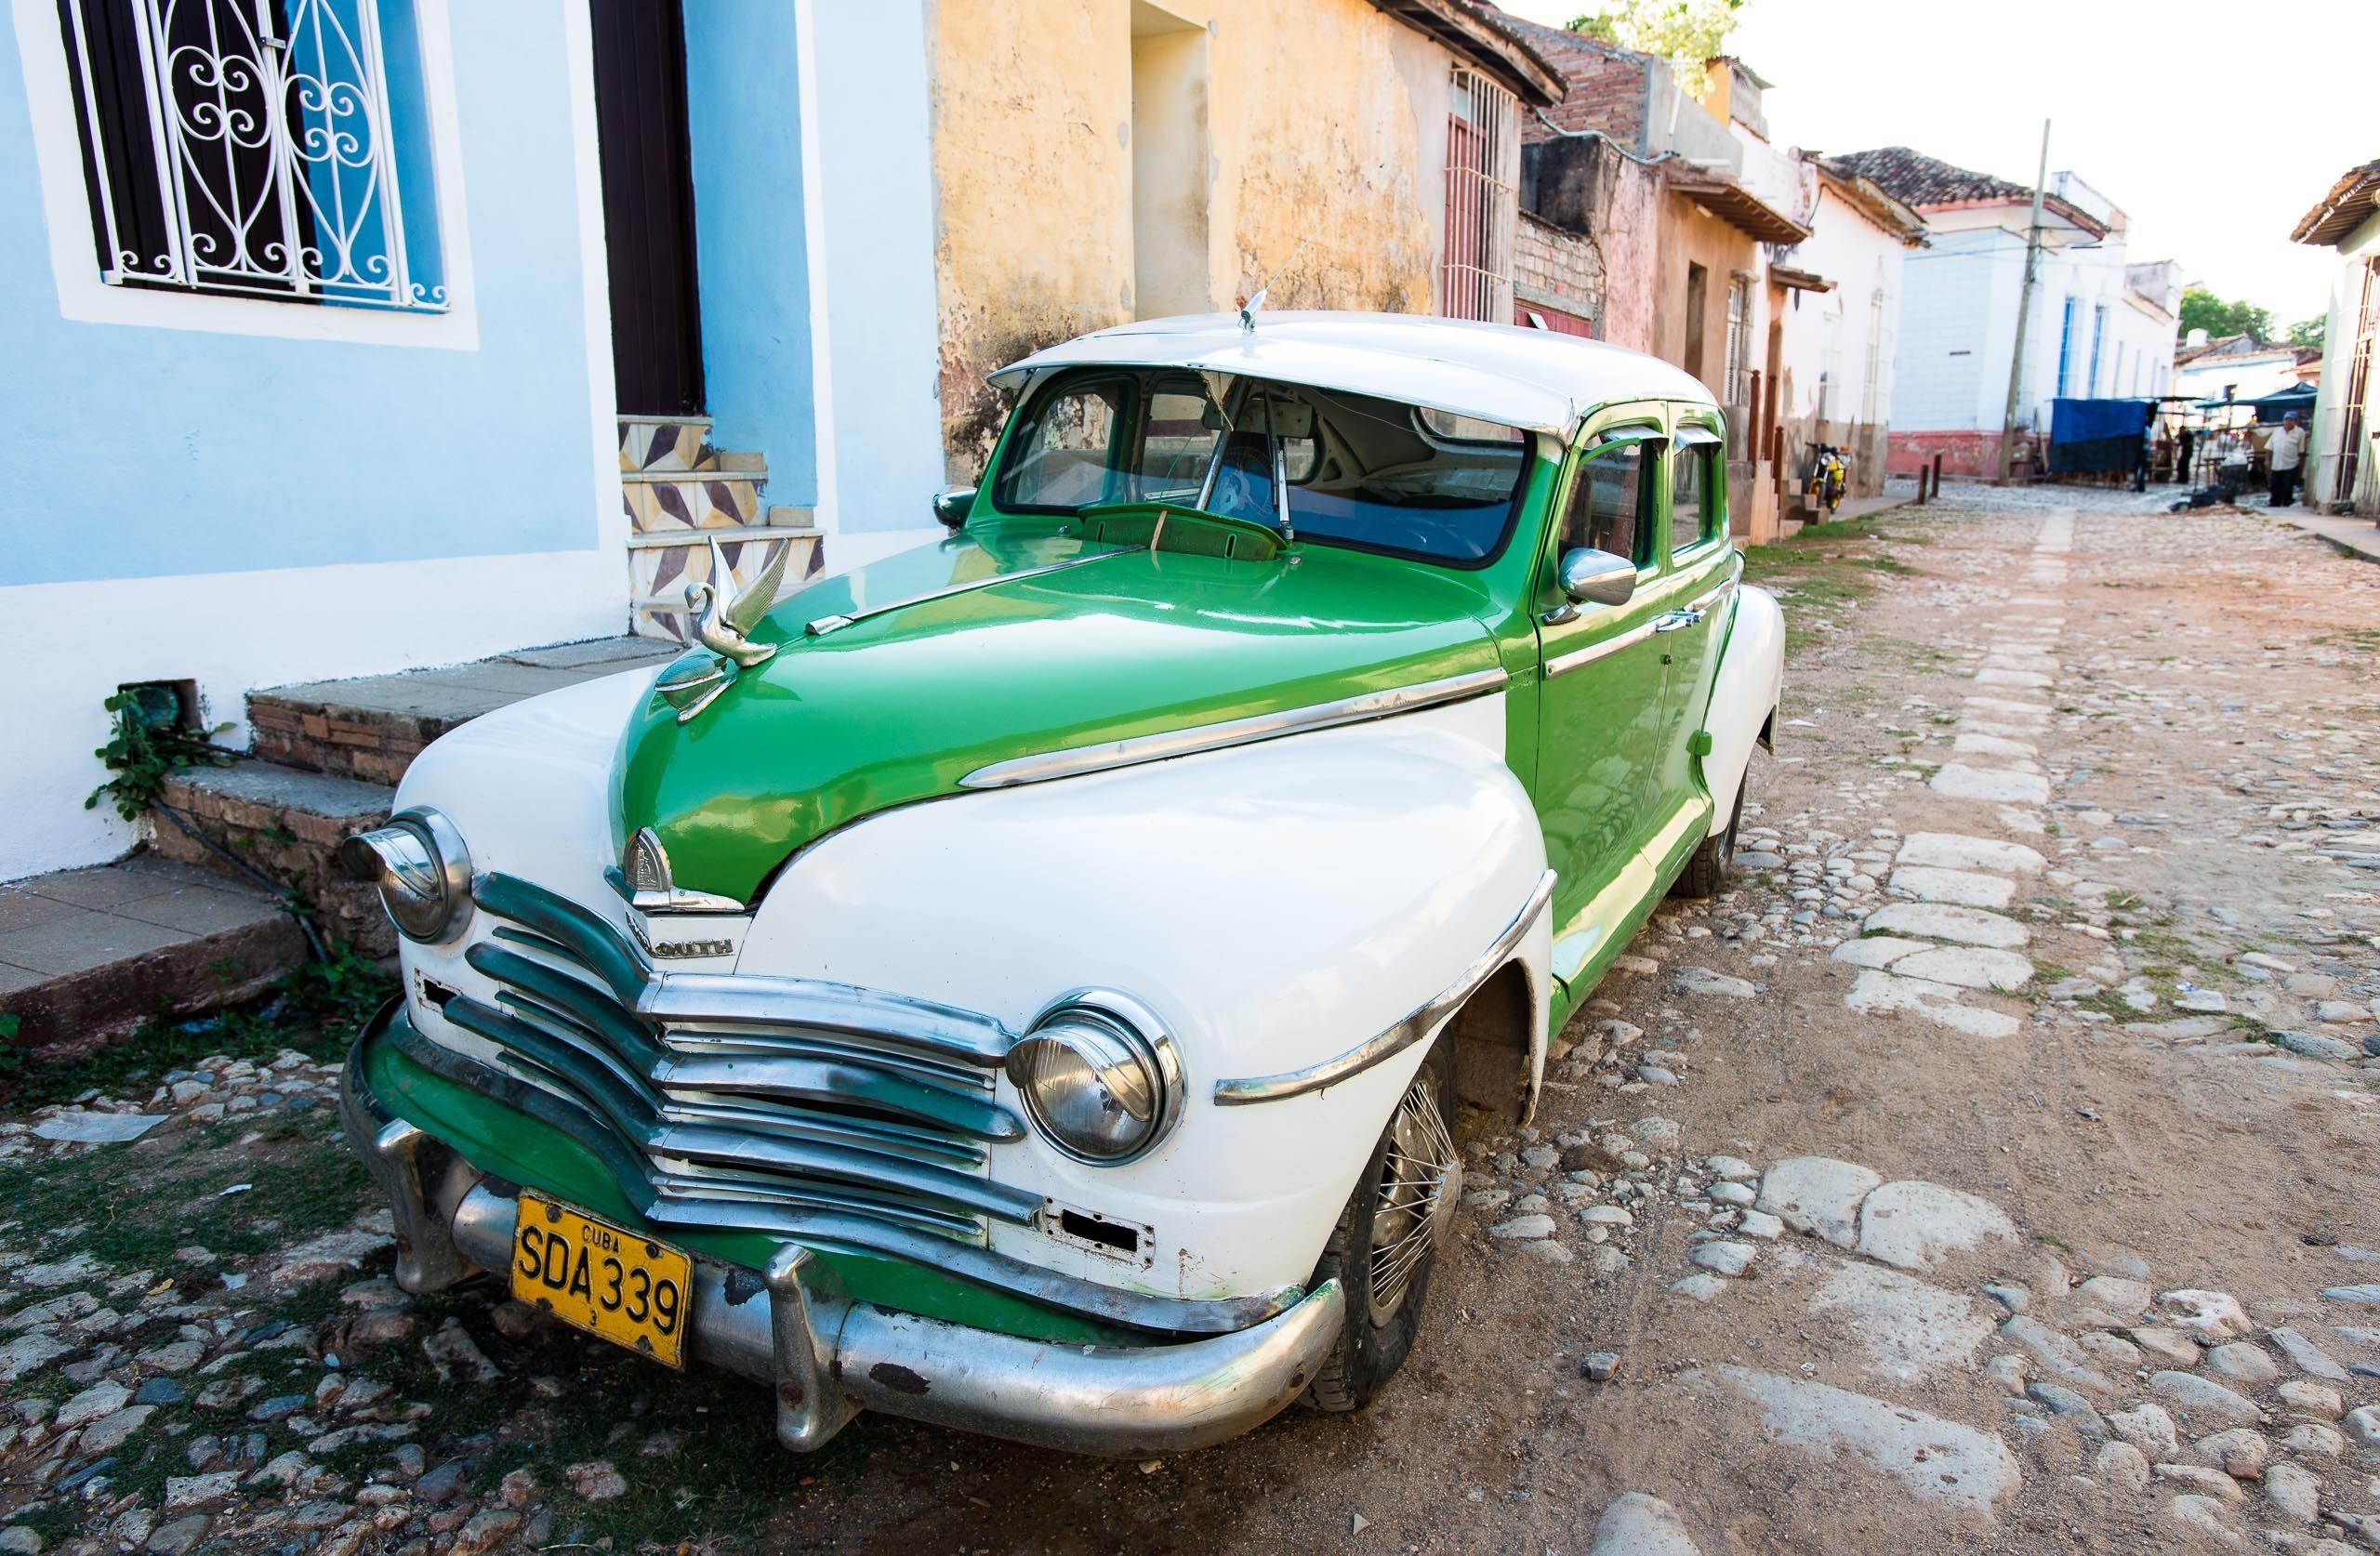 Vintage American Car, Trinidad, Cuba